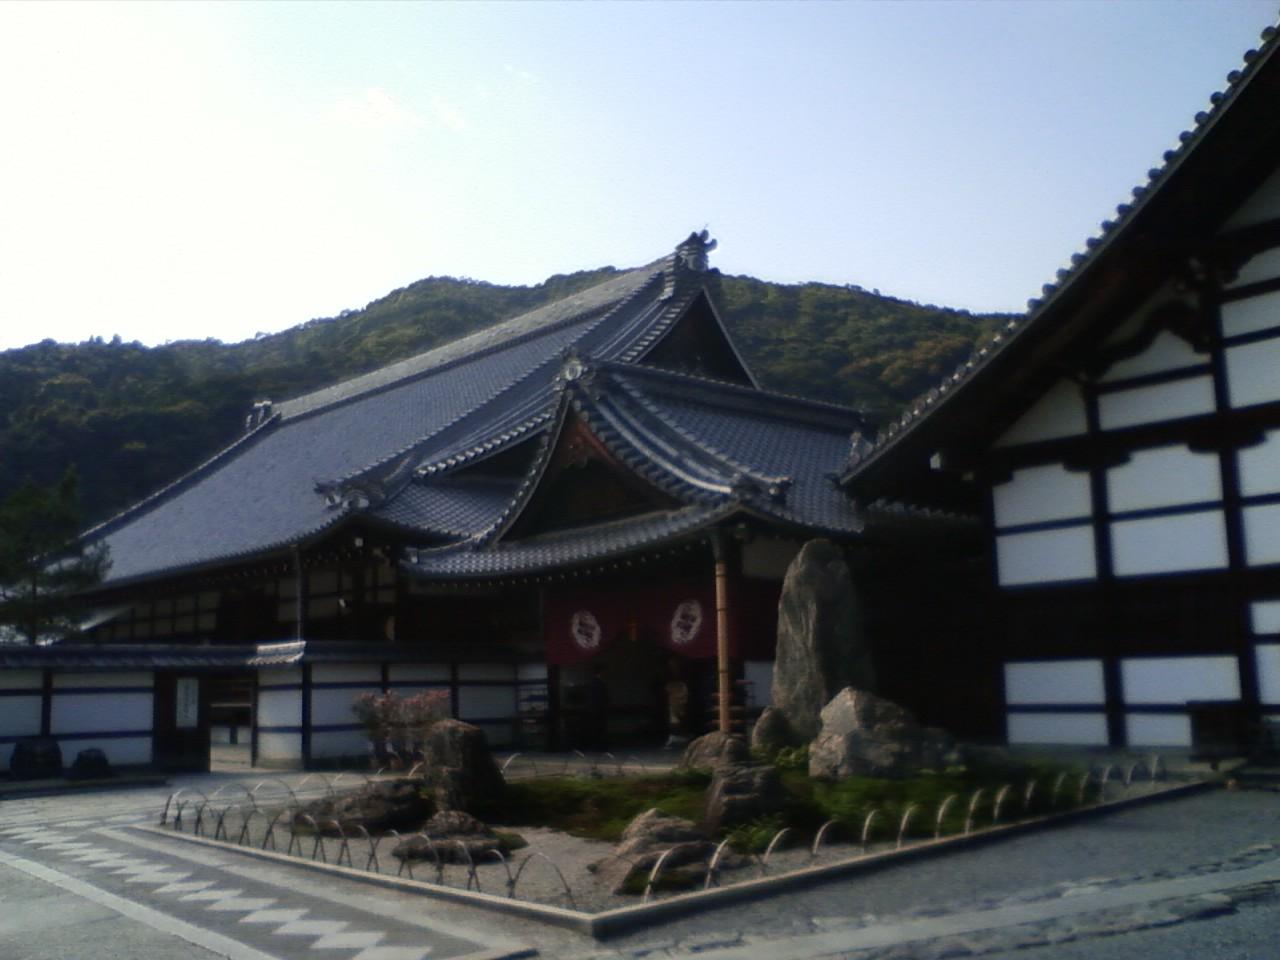 嵯峨嵐山 天龍寺_d0113681_19551177.jpg